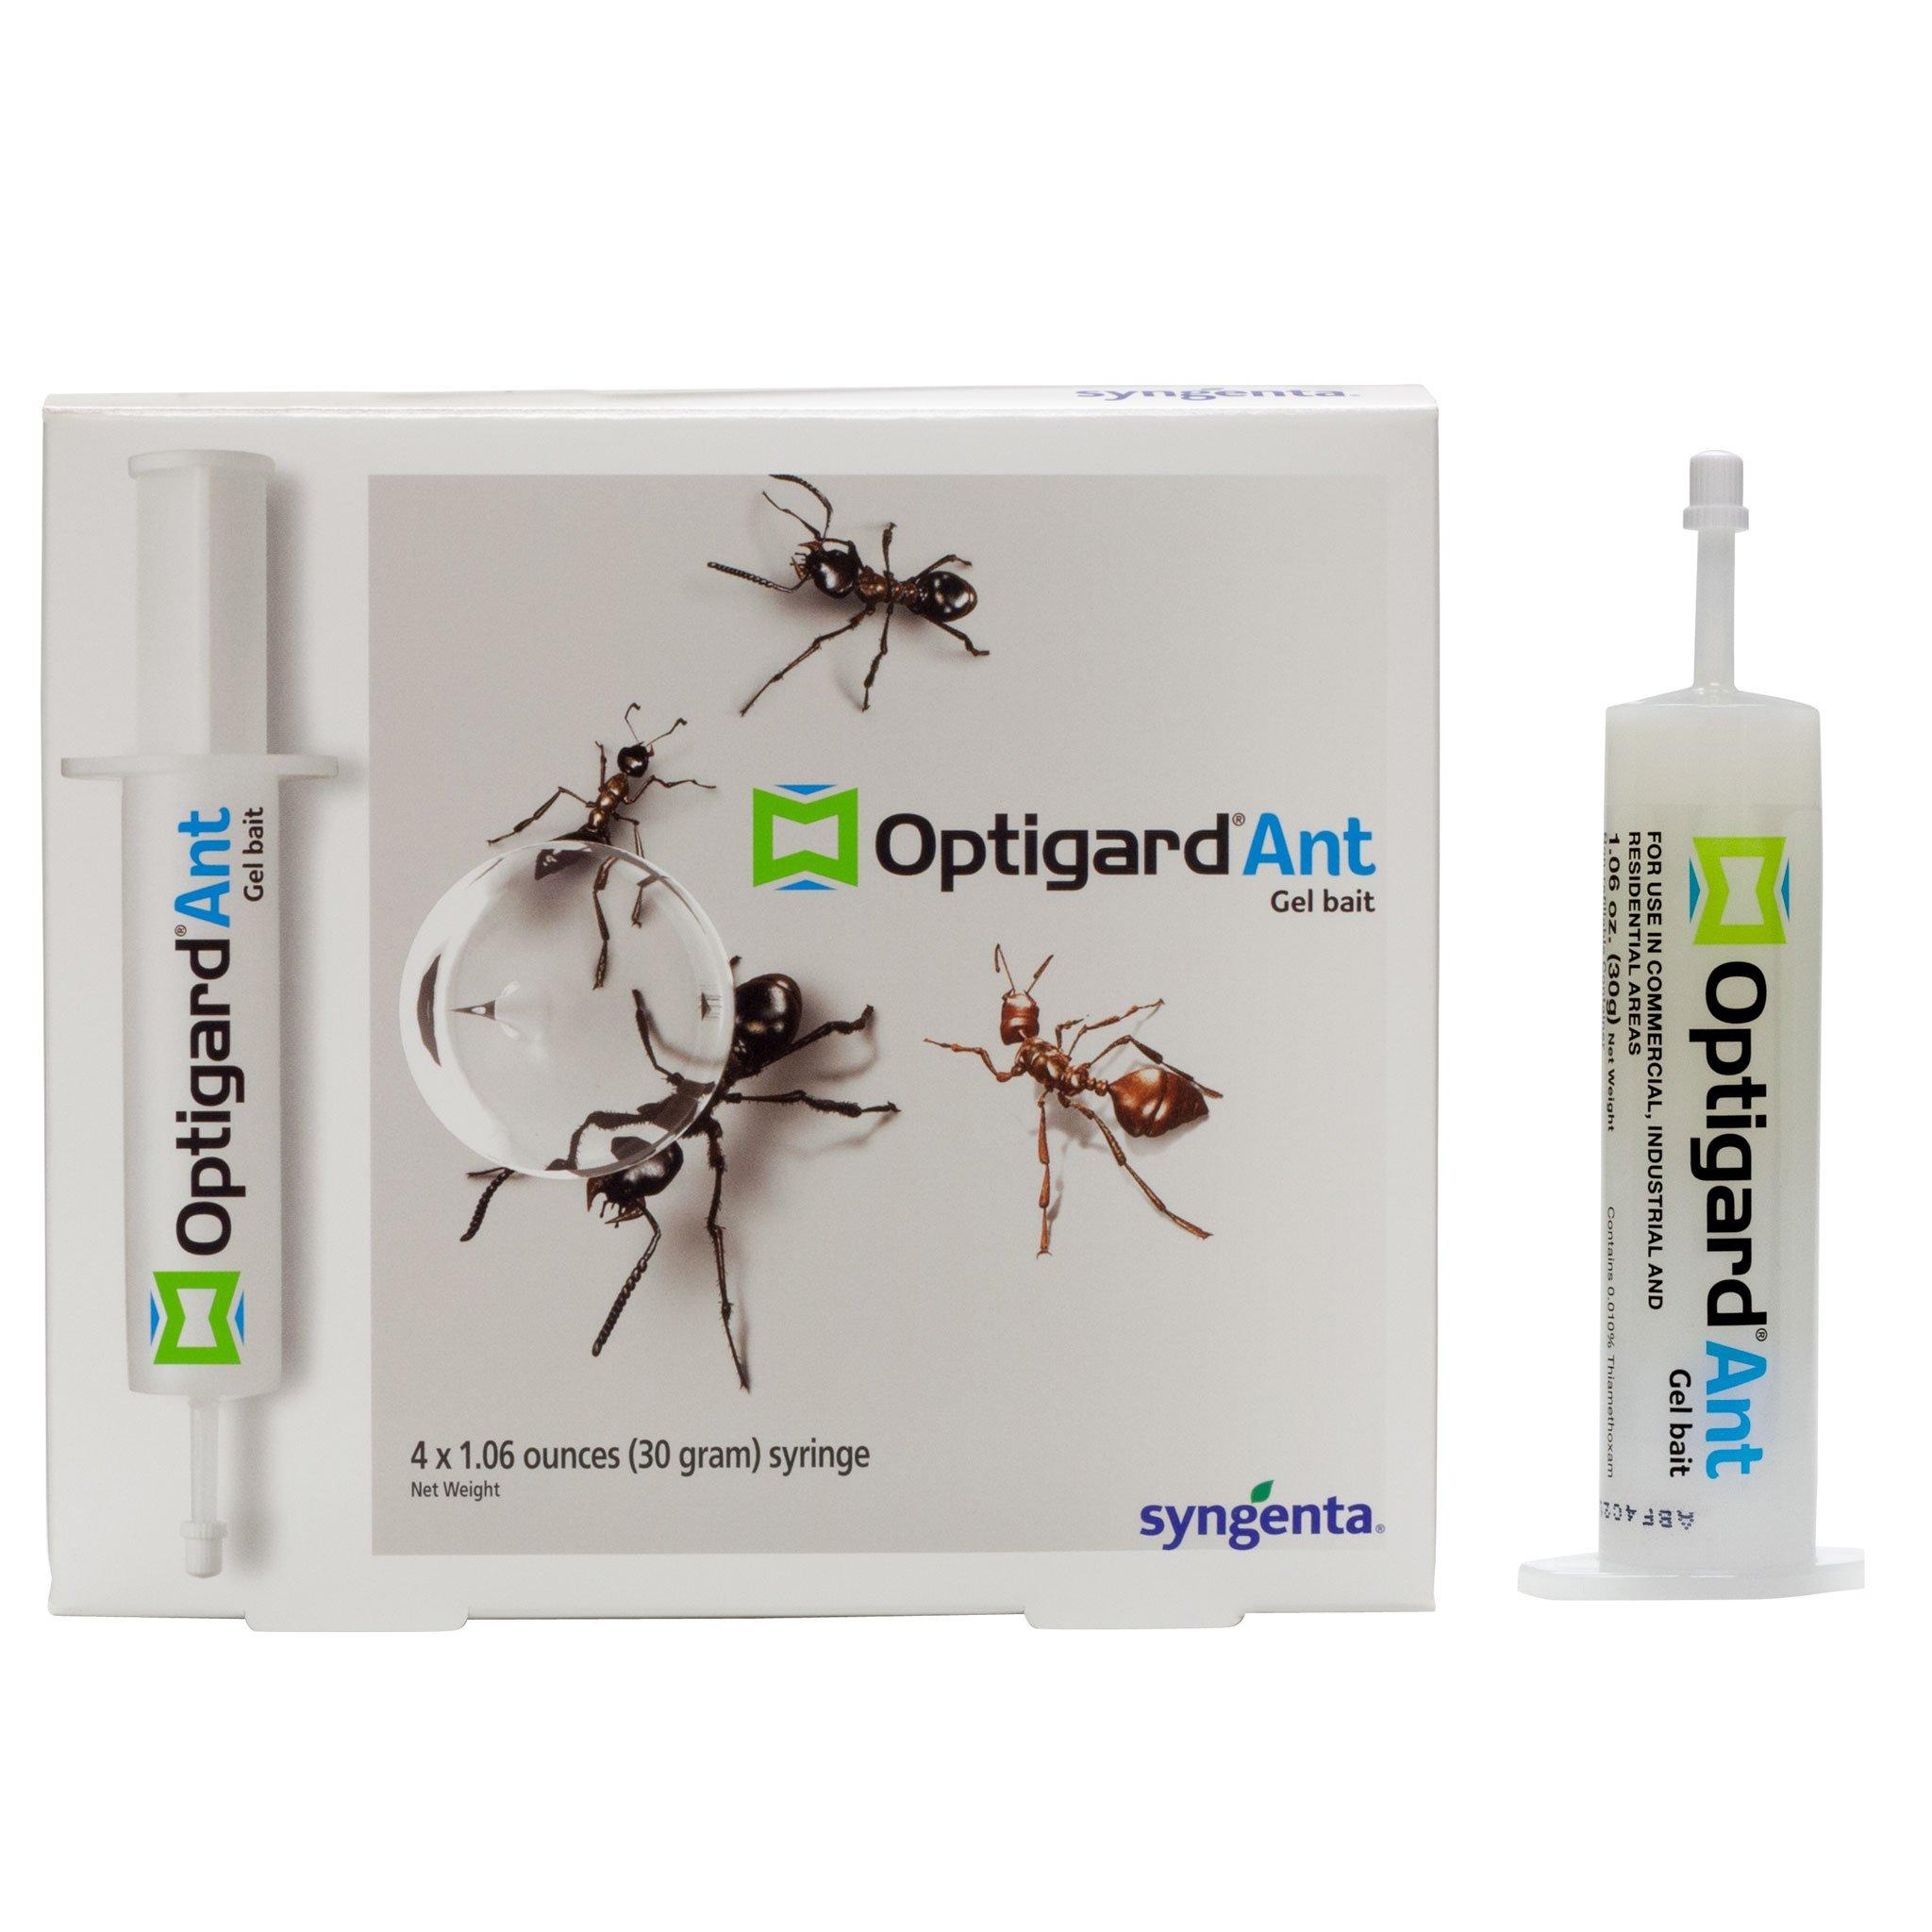 Optigard Ant Bait Gel Syngenta - TRTD11568 Box - 4 Tubes w/Plunger - 30g each tube